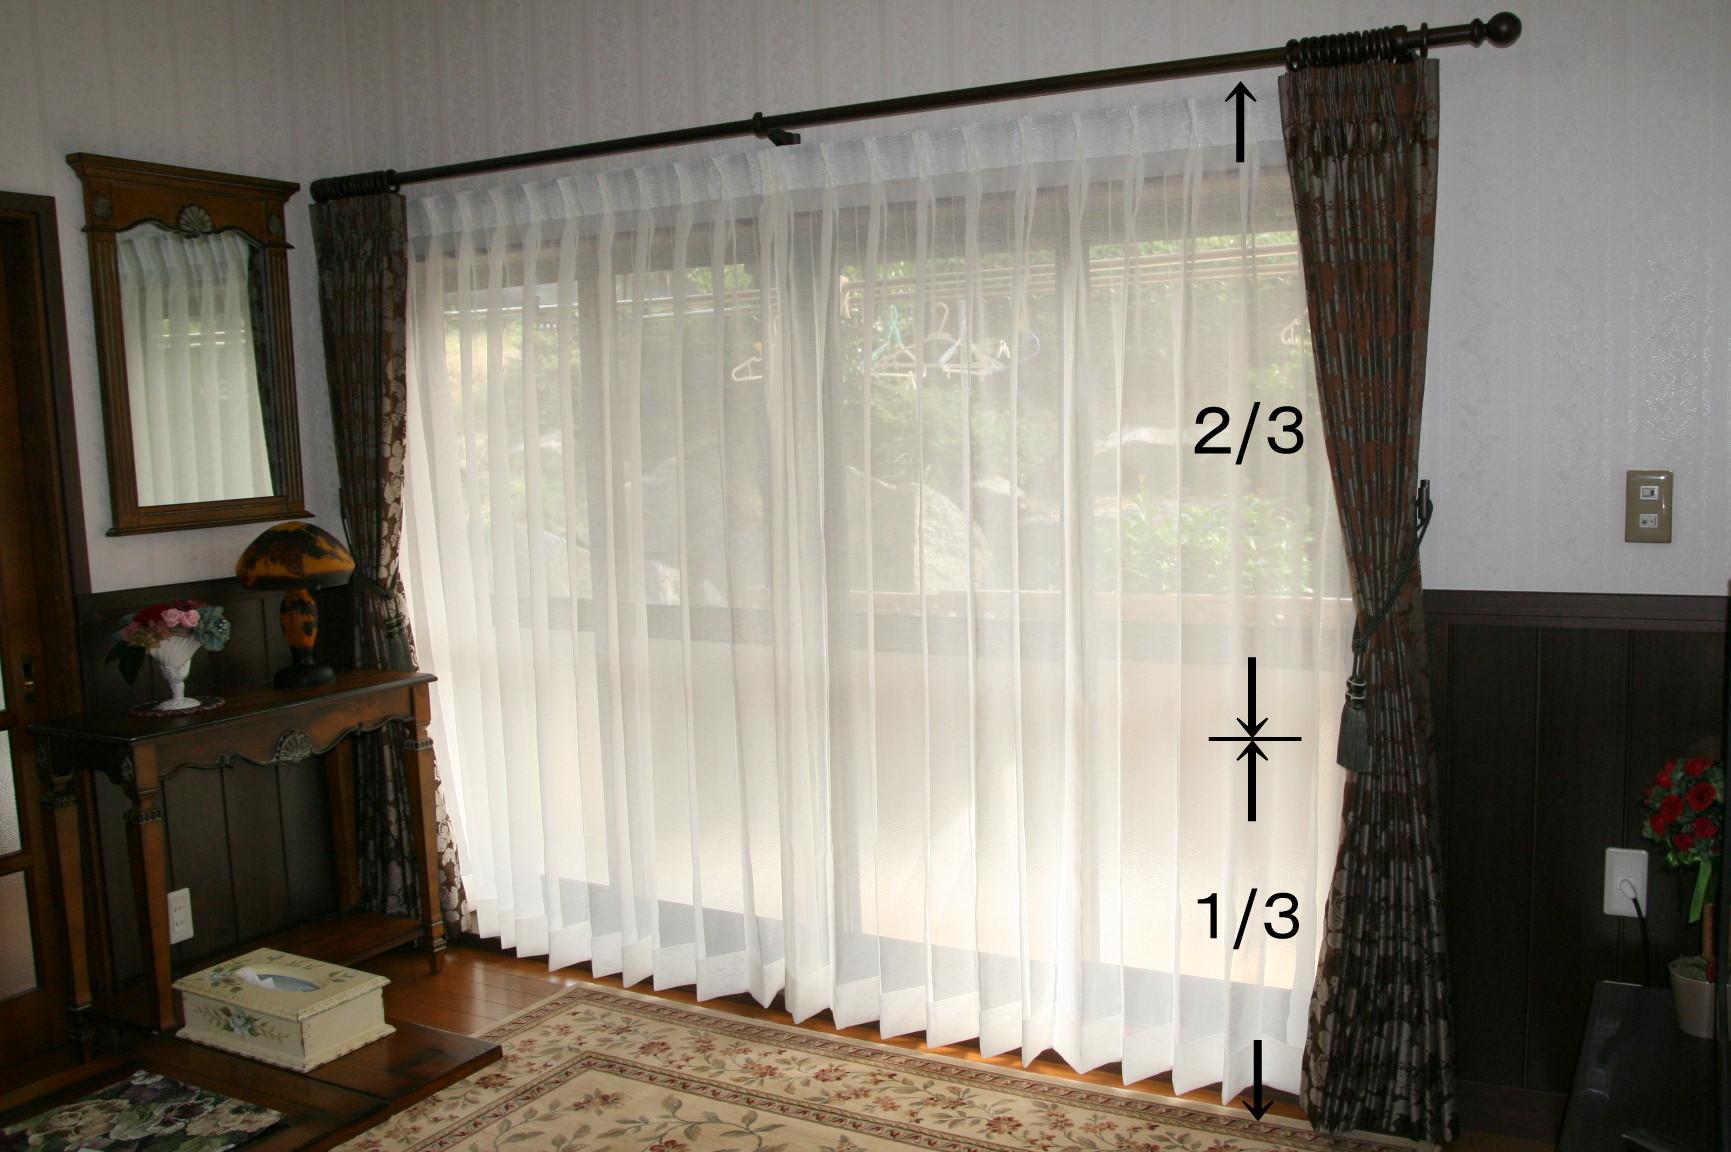 ふさかけ取り付け位置 房の中央がカーテン丈の下から1/3程度